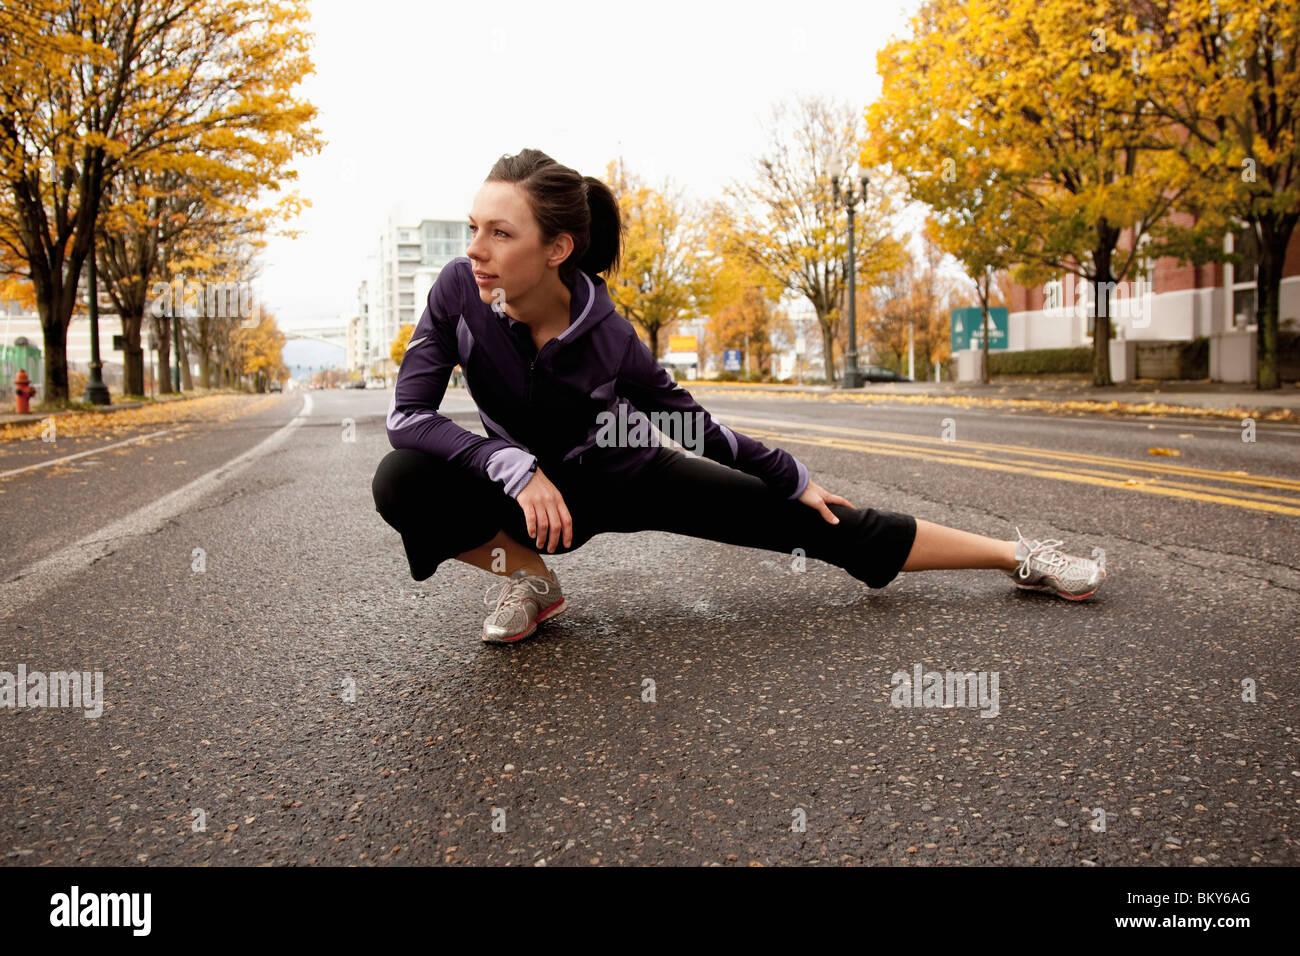 Una preparazione atletica femmina in una camicia viola che si allunga lungo una strada deserta di Portland, Oregon. Immagini Stock